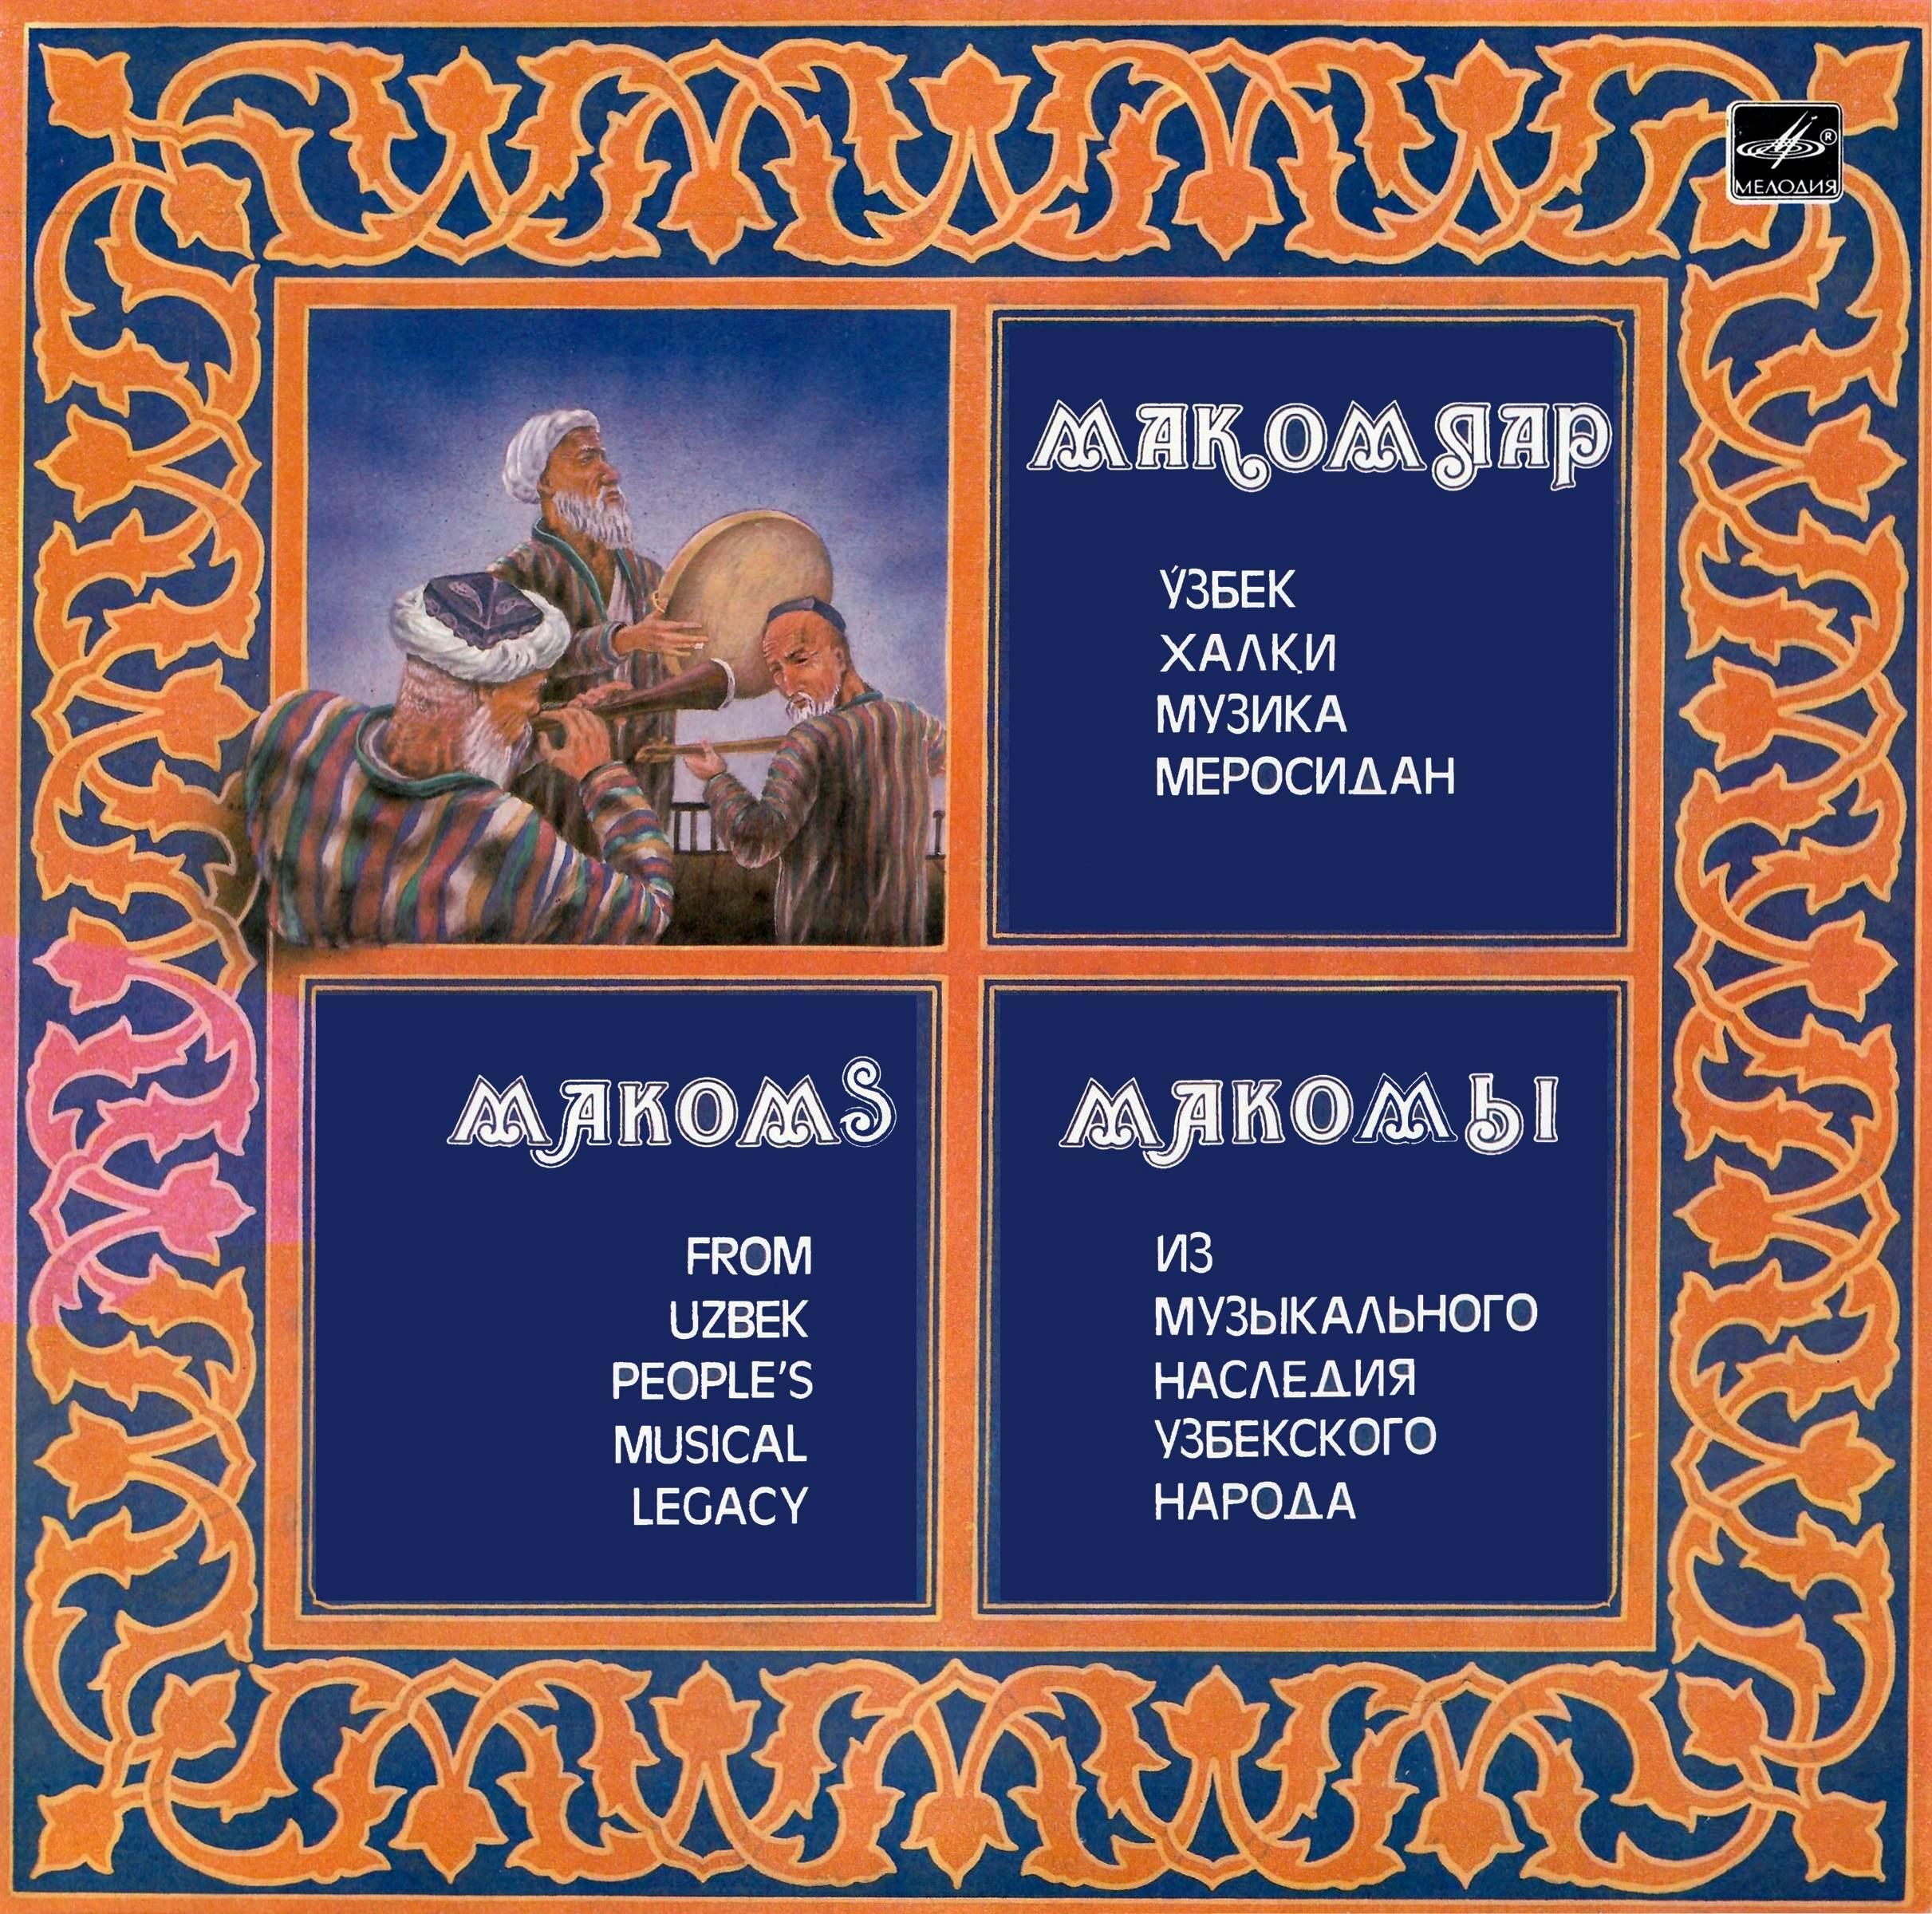 Musiques traditionnelles : Playlist - Page 17 Makoms10